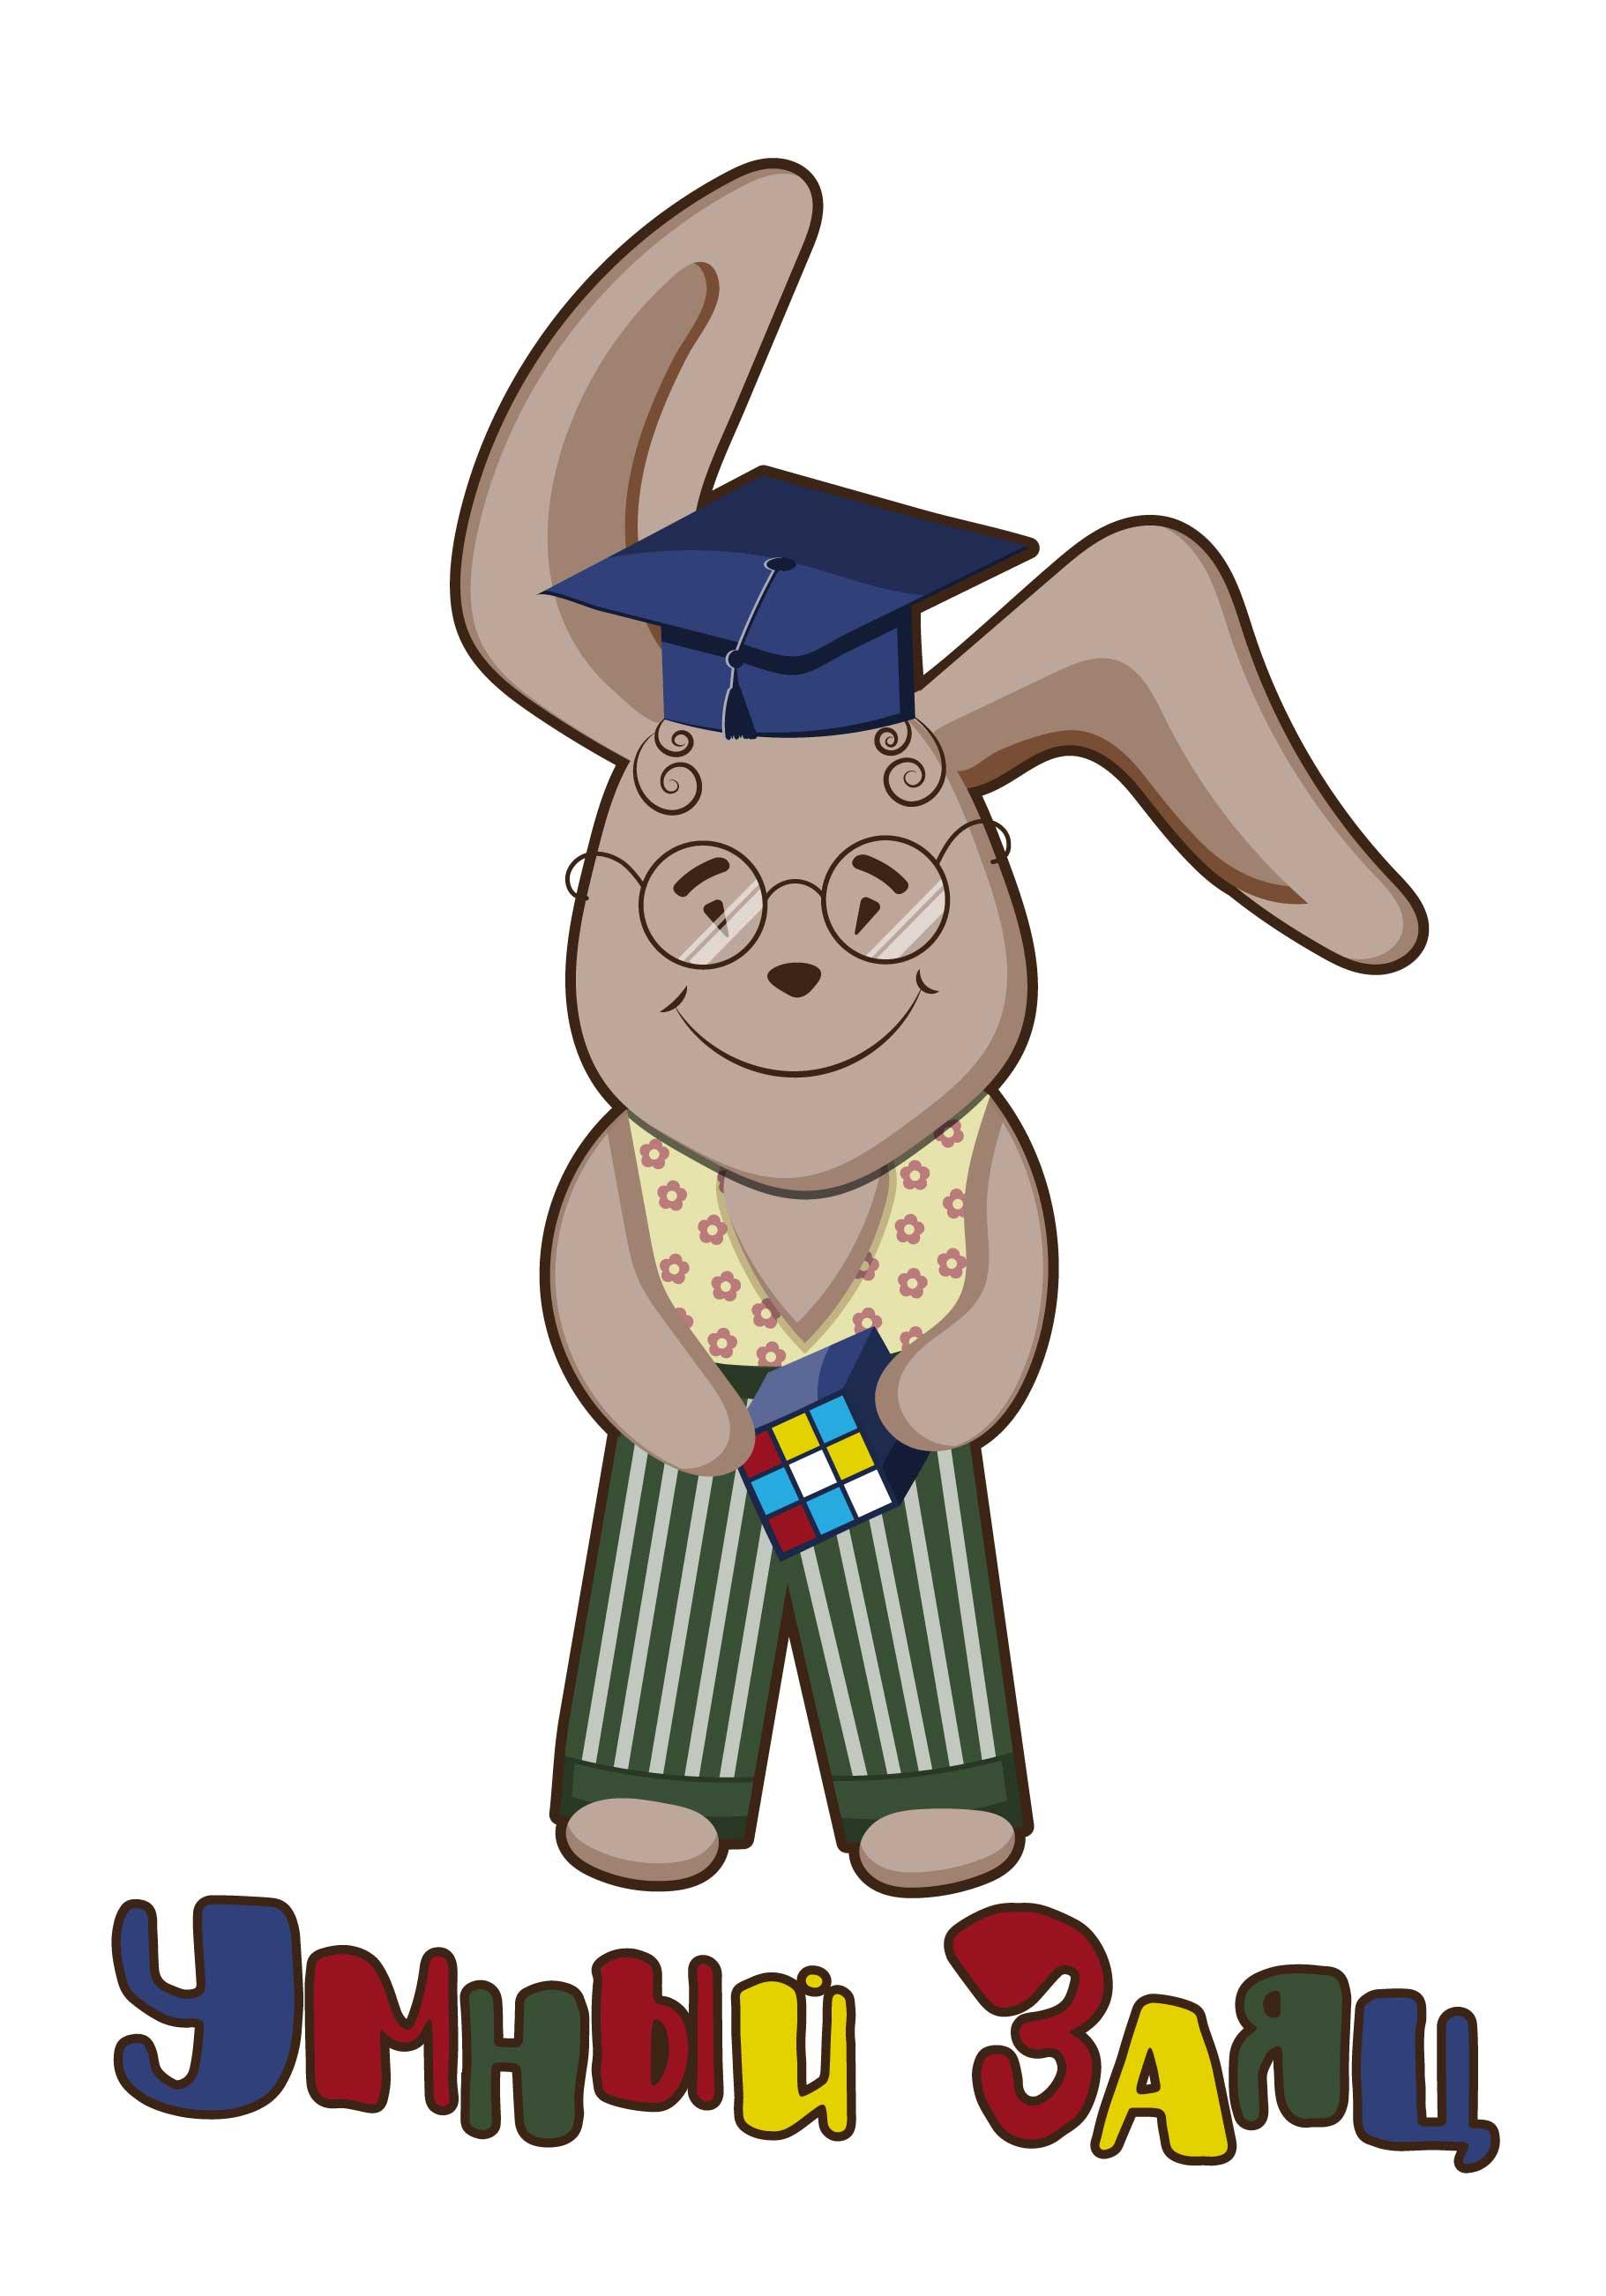 Разработать логотип и фирменный стиль детского клуба фото f_6185554a932c9d63.jpg